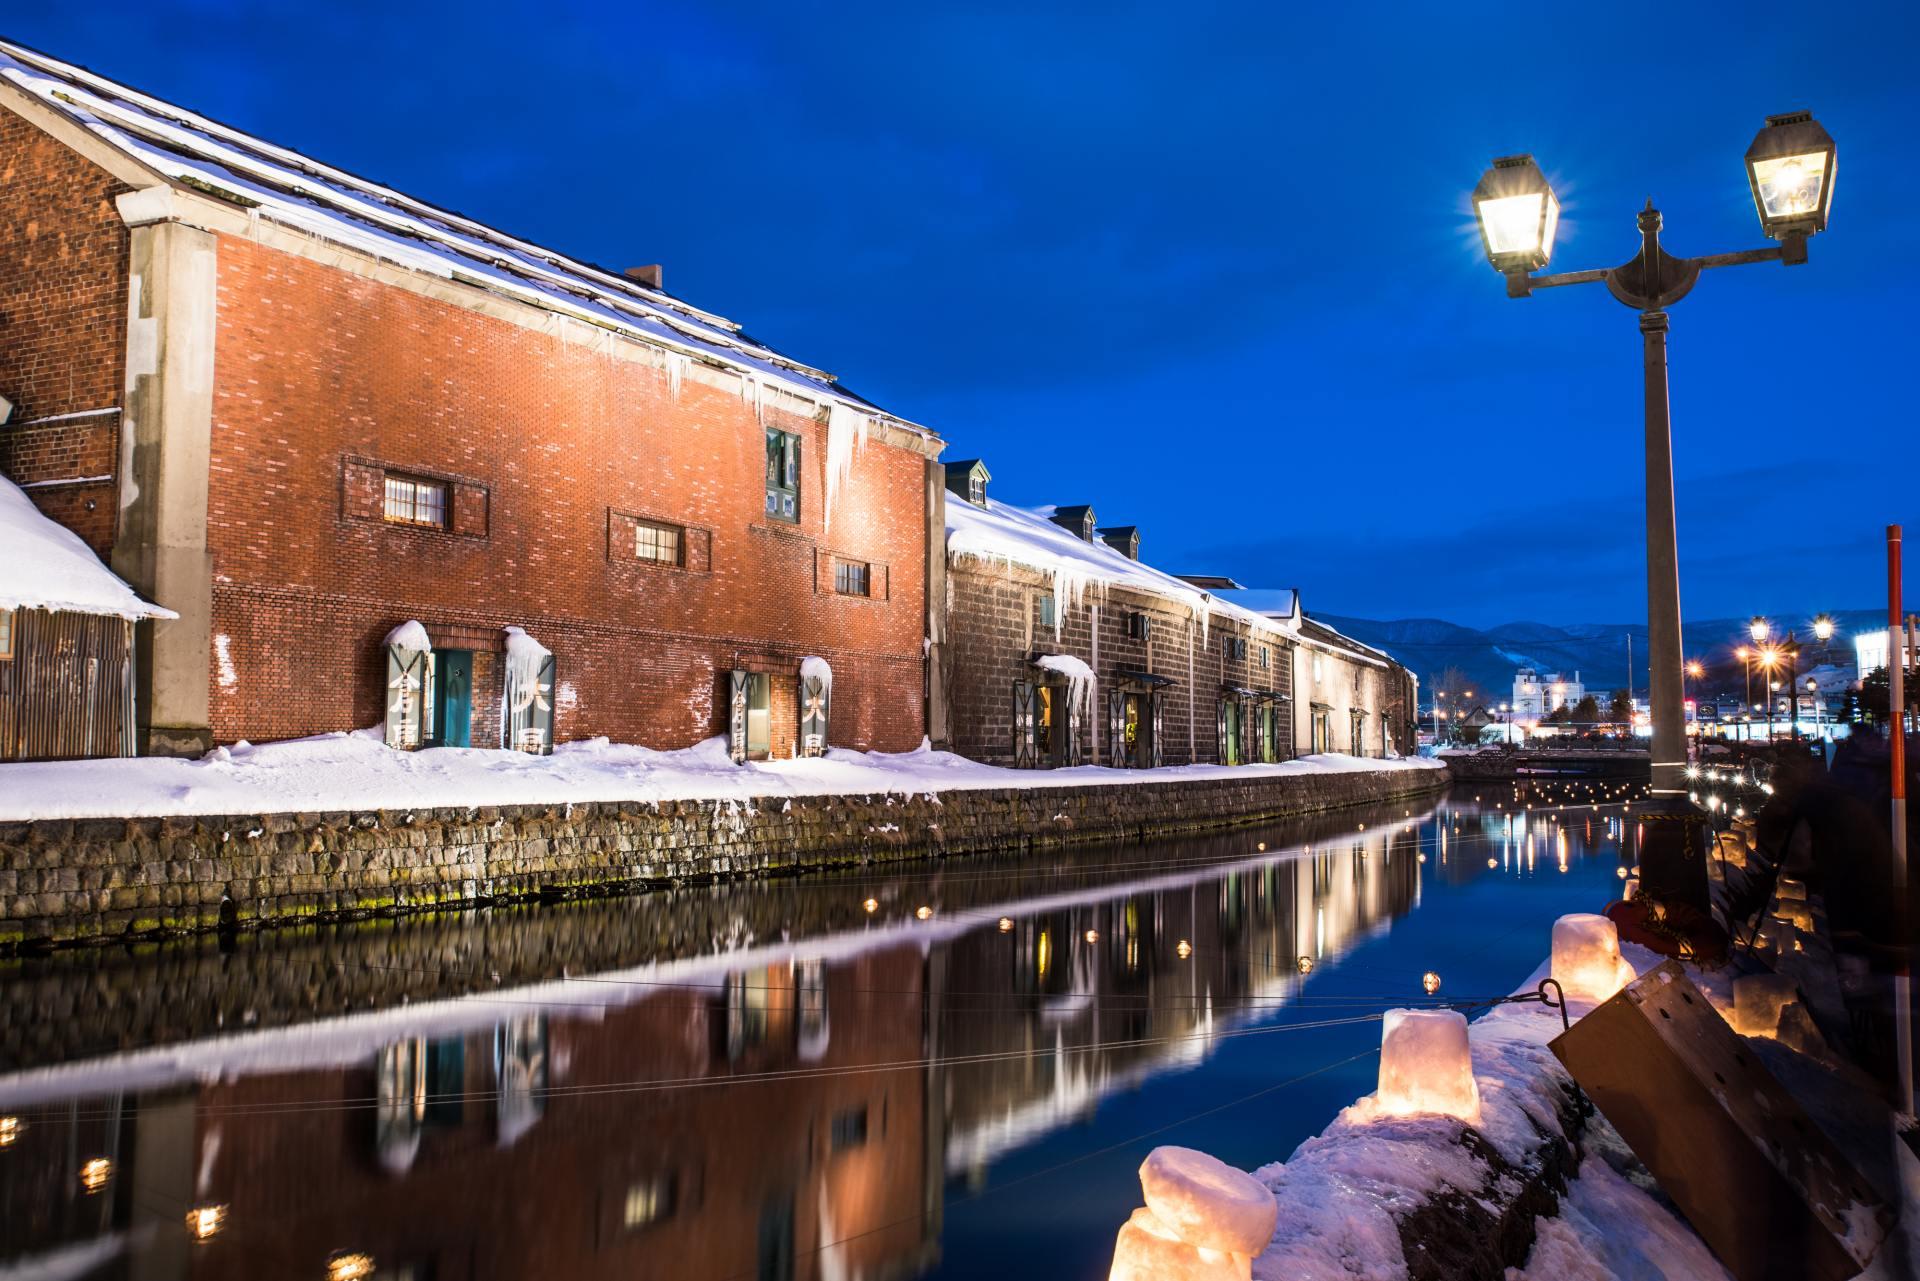 小樽营造的水路和历史性建筑的景观都非常美丽